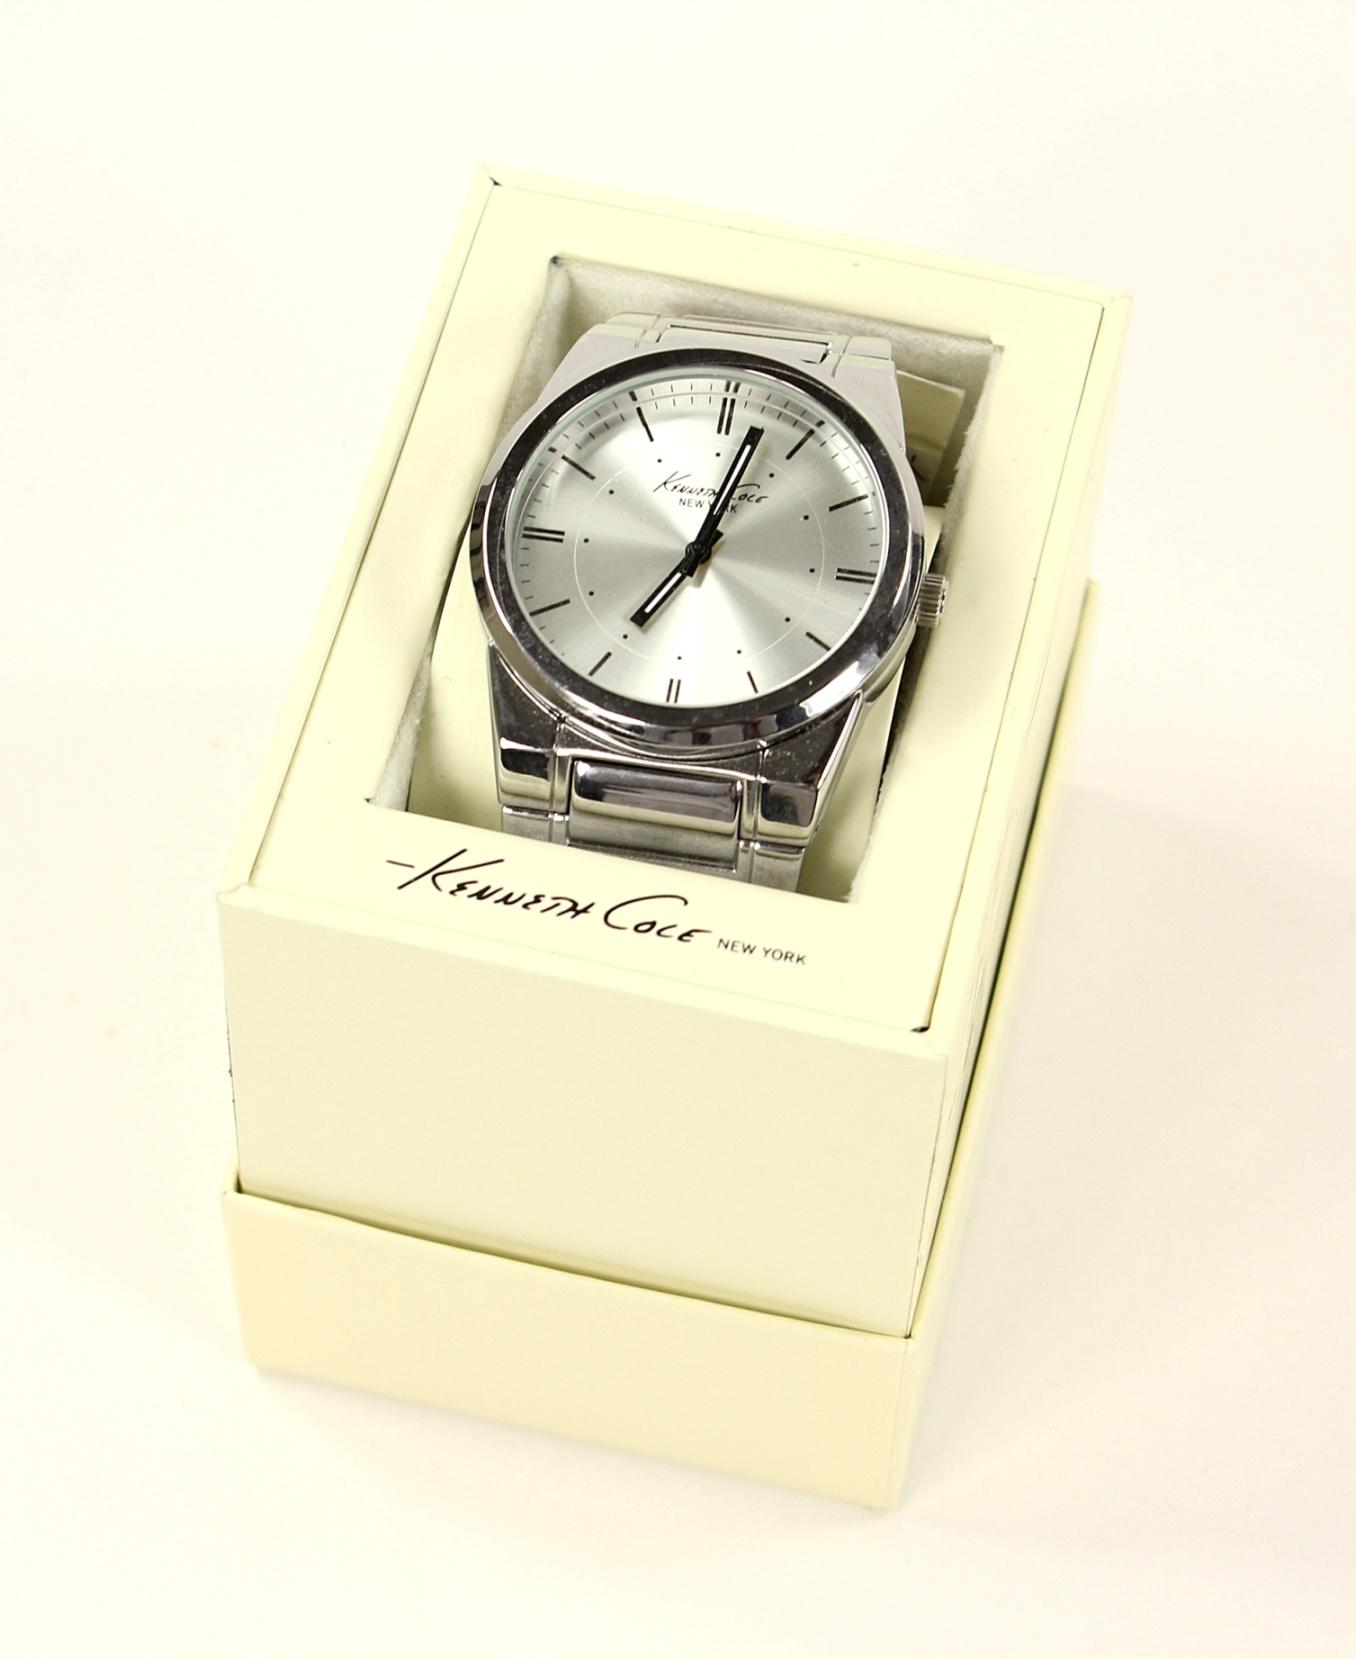 美國百分百【全新真品】Kenneth Cole 手錶 KC 配件 石英錶 不鏽鋼 對錶 禮物 禮盒 銀 男 女 3007